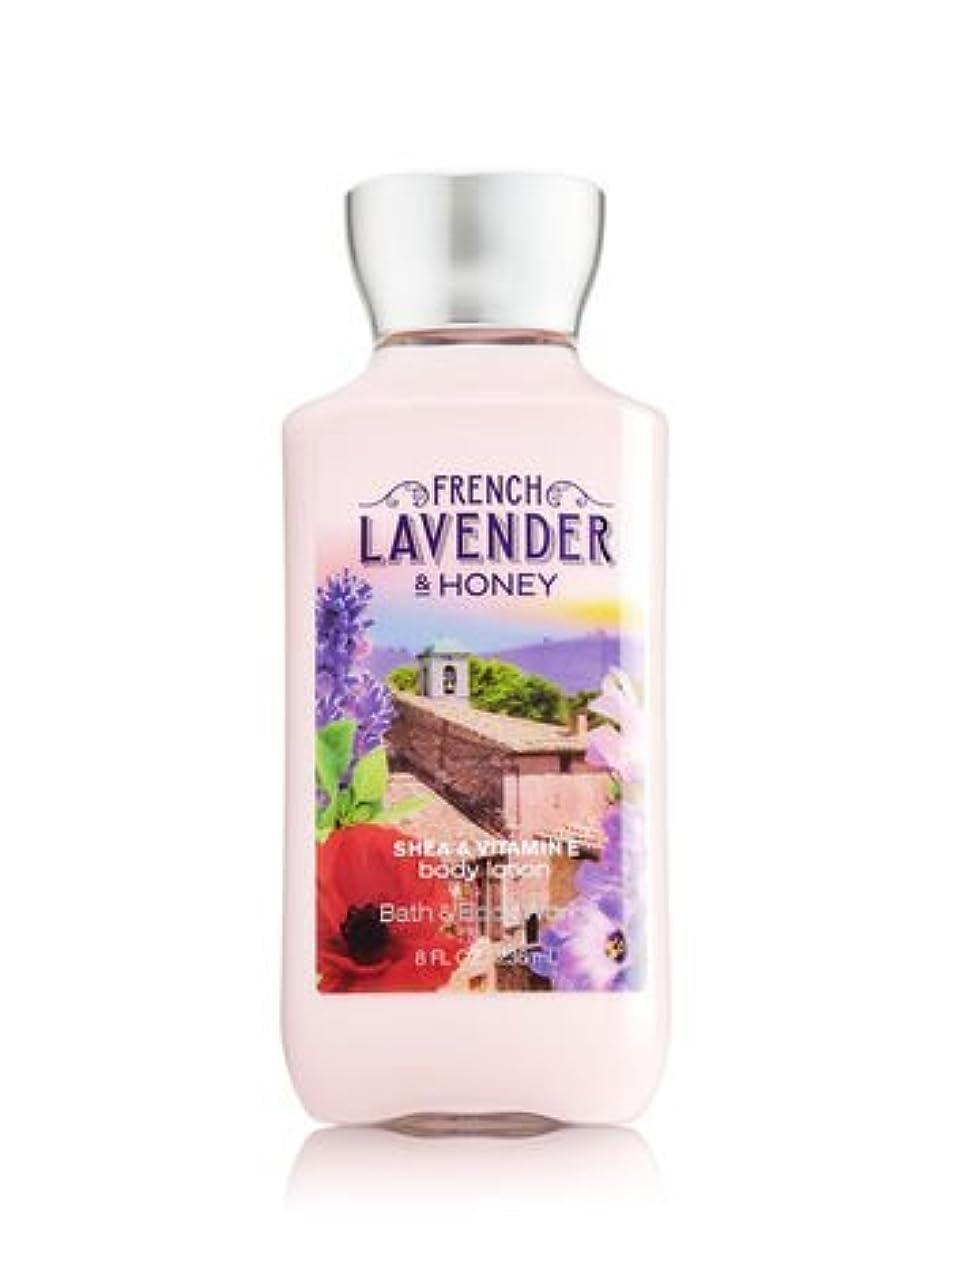 つらい有限ママ【Bath&Body Works/バス&ボディワークス】 ボディローション フレンチラベンダー&ハニー Body Lotion French Lavender & Honey 8 fl oz / 236 mL [並行輸入品]